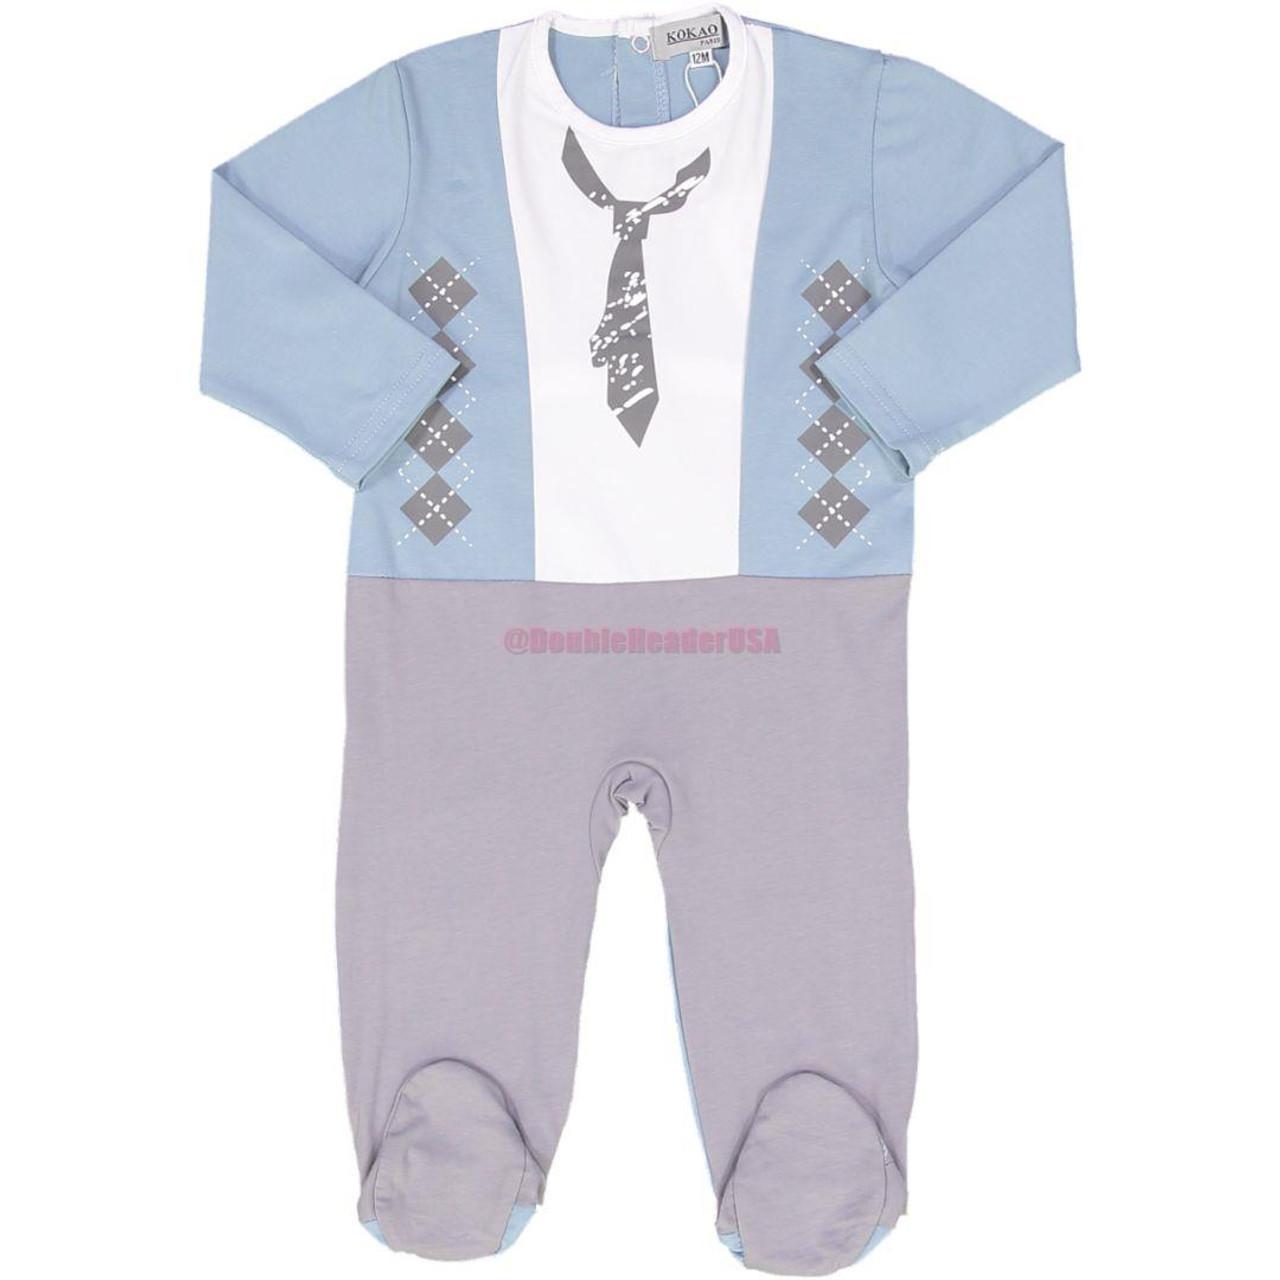 Kokao Baby Boys Cotton Stretchie - BS1904B